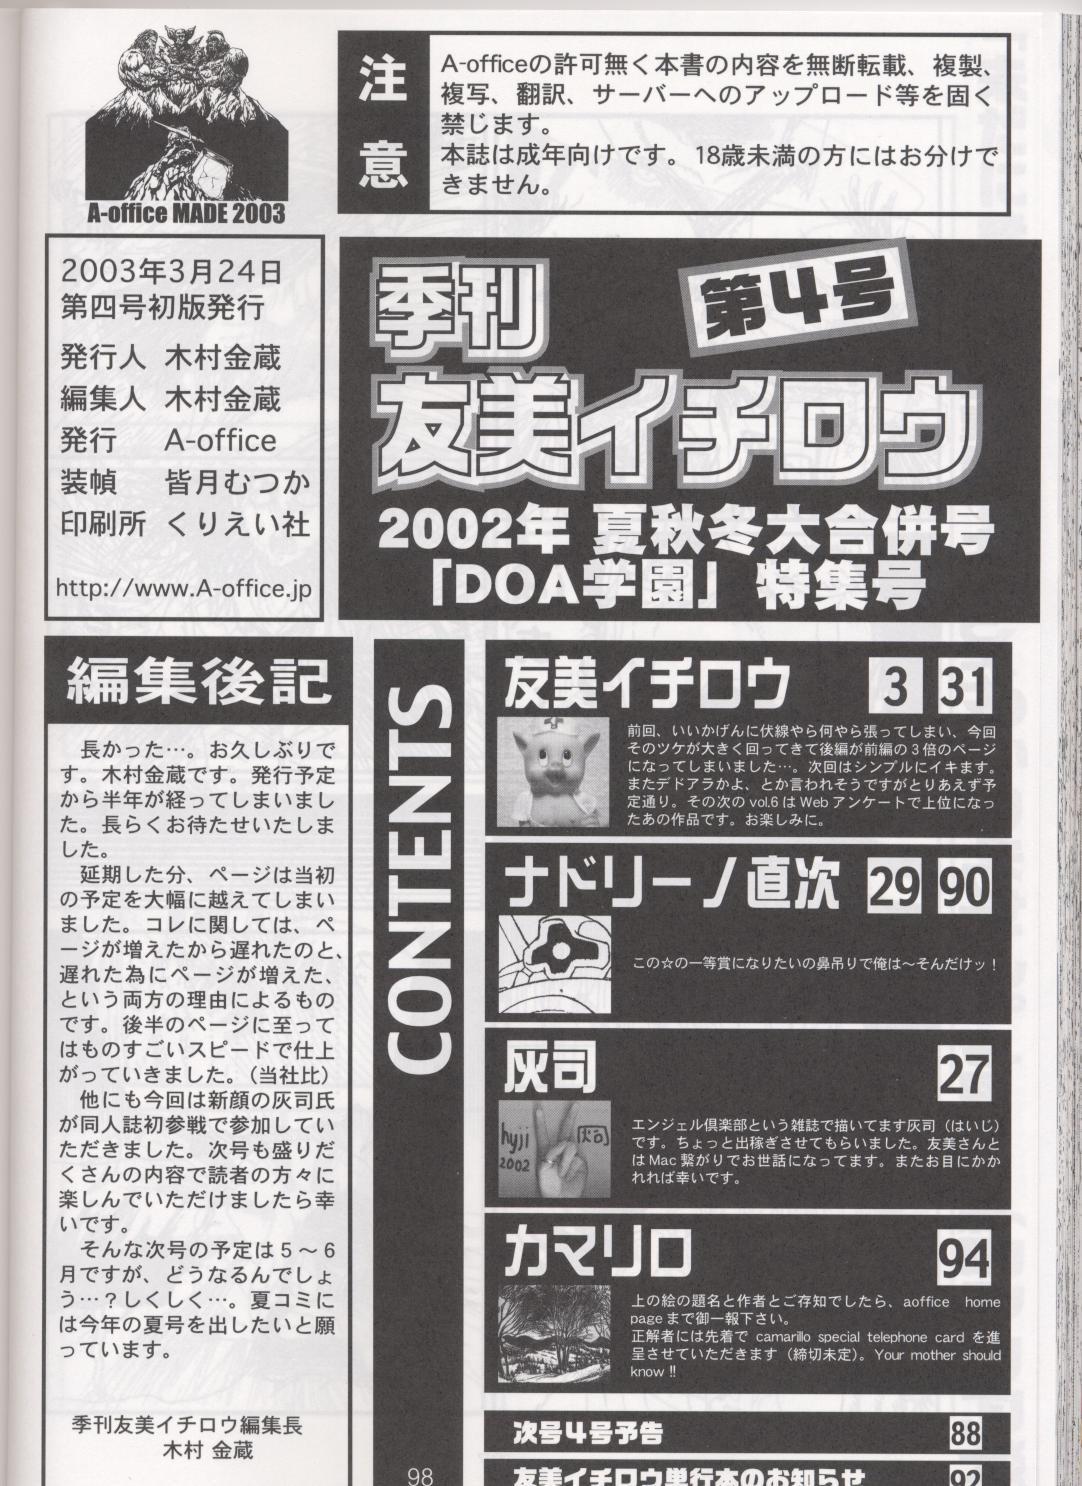 Kikan Tomomi Ichirou Dai 4 Gou 2002 Nen Natsu Aki Fuyu Daigappeigou 98